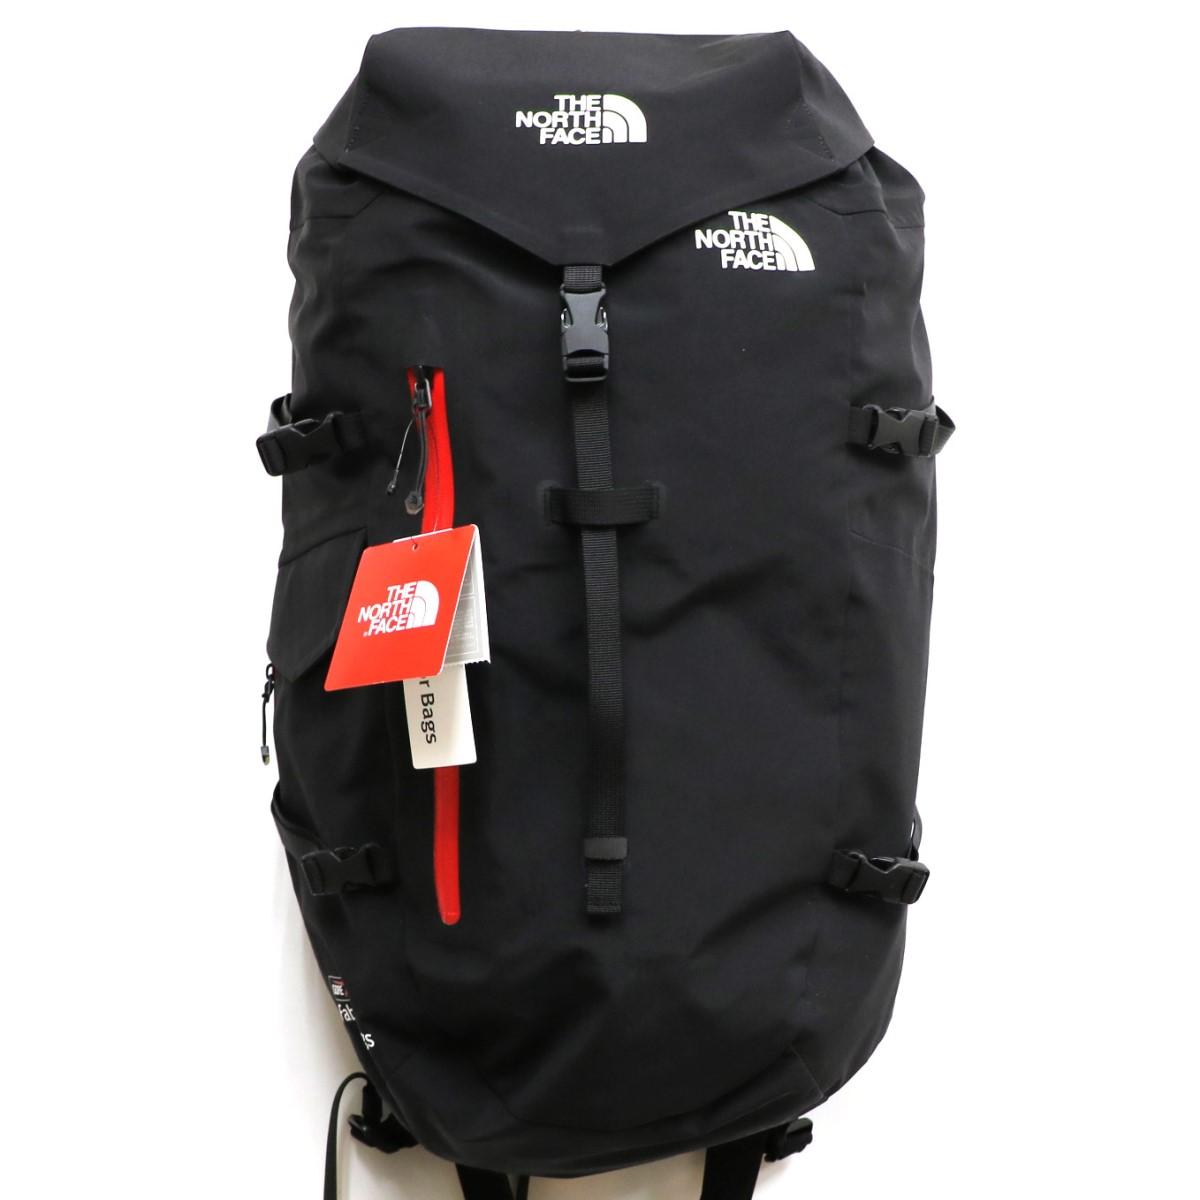 【中古】THE NORTH FACE GR BACK PACK 30L NM61817バックパックバッグ ブラック サイズ:30L 【160820】(ザノースフェイス)